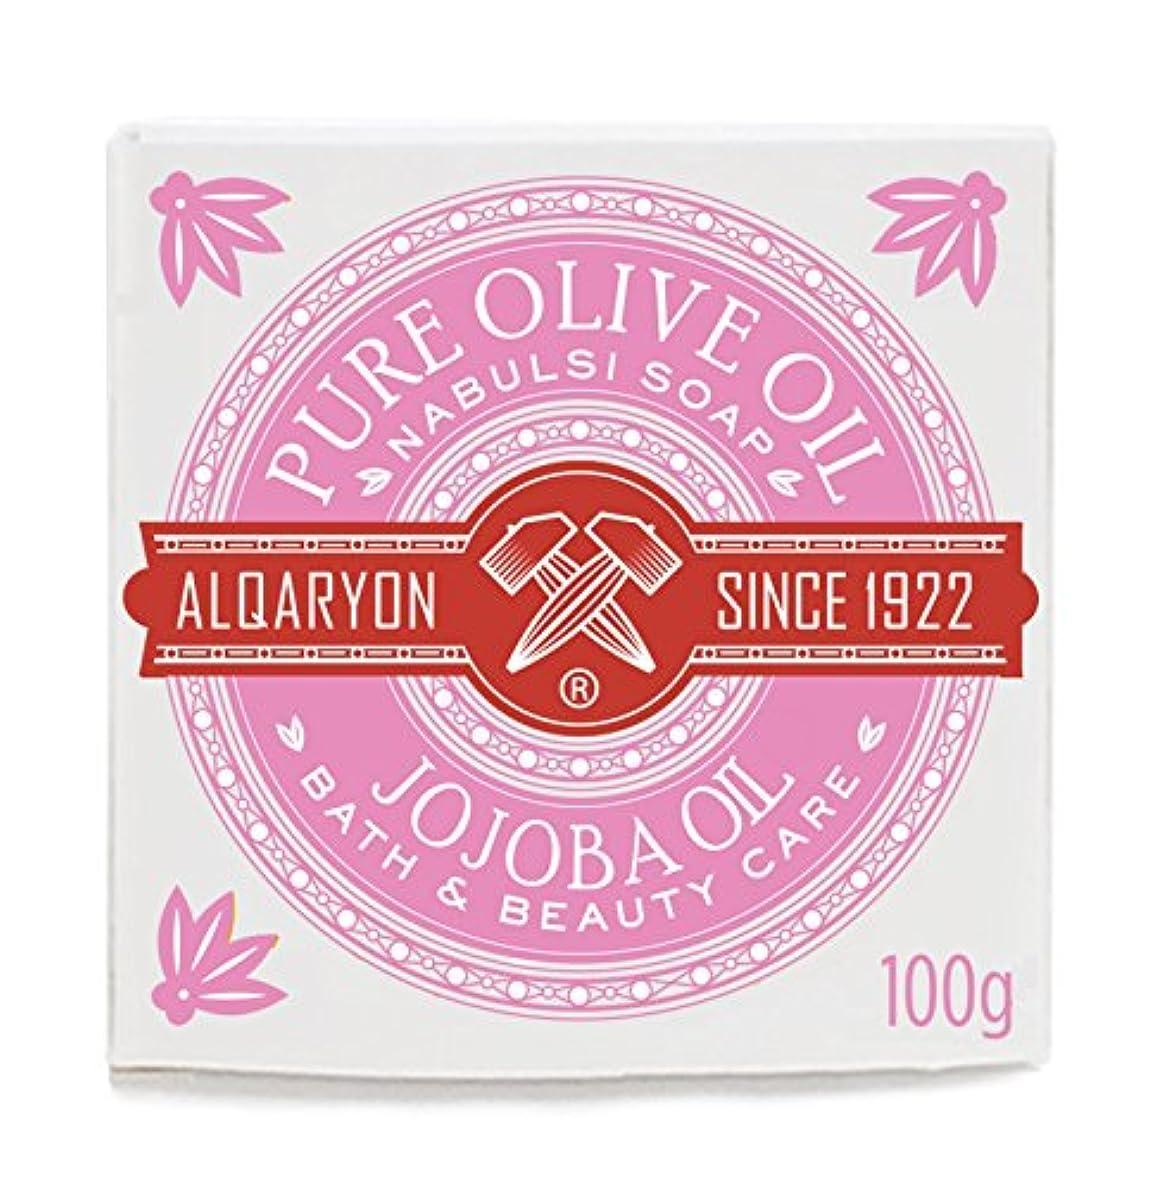 制限する杭文明化Alqaryon Jojoba Oil & Olive Oil Bar Soaps, Pack of 4 Bars 100g - Alqaryonのホホバ オイルとオリーブオイル ソープ、バス & ビューティー ケア、100g...